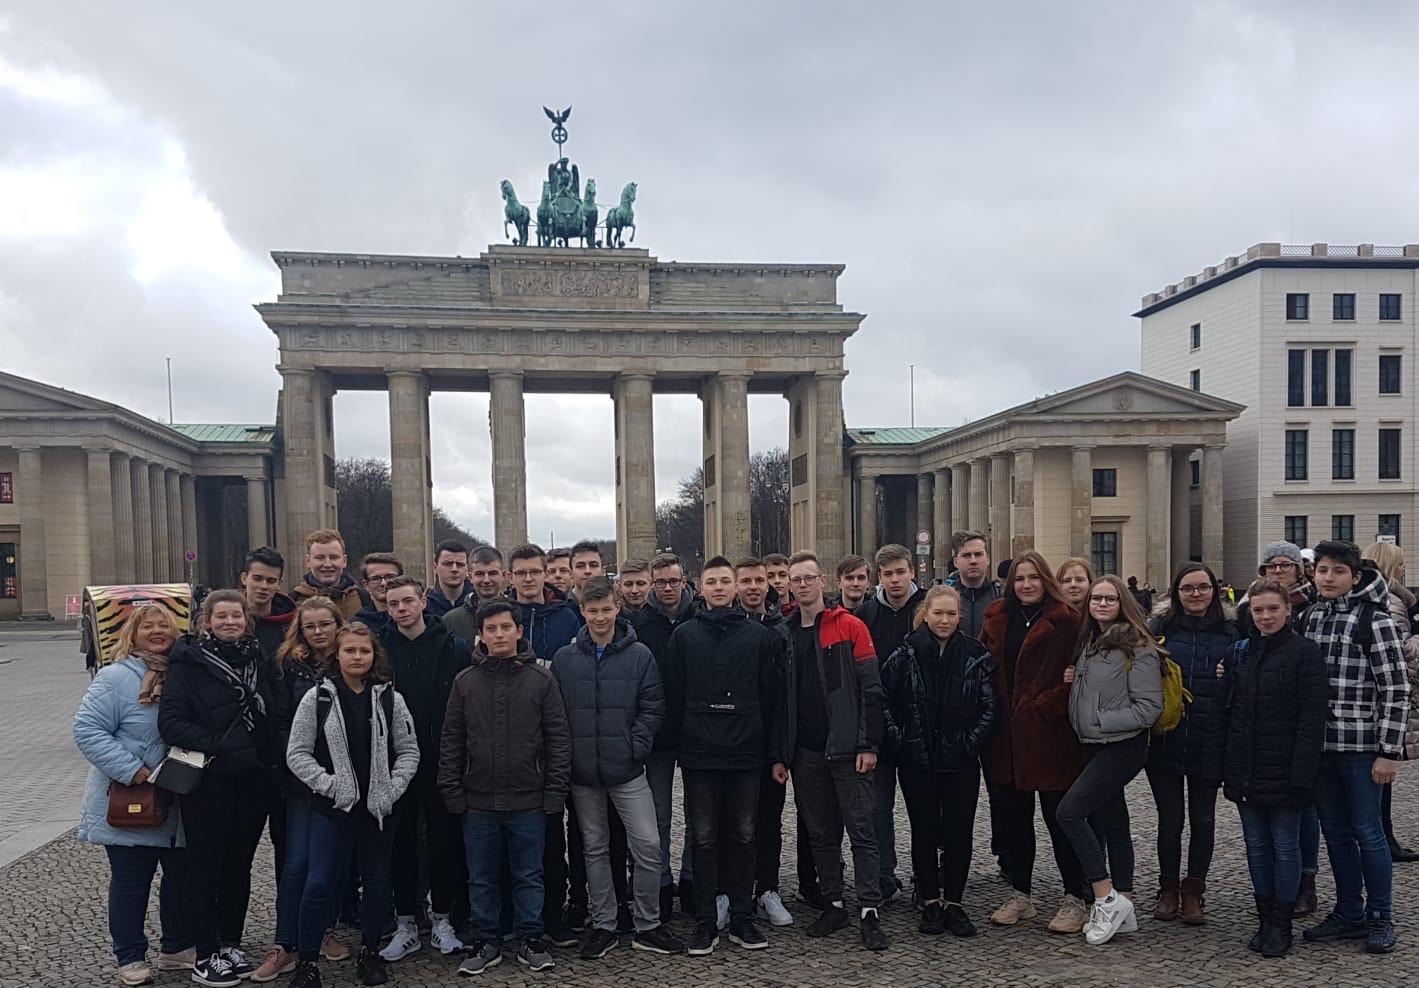 Bülows in Berlin – Geschichte hautnah erleben